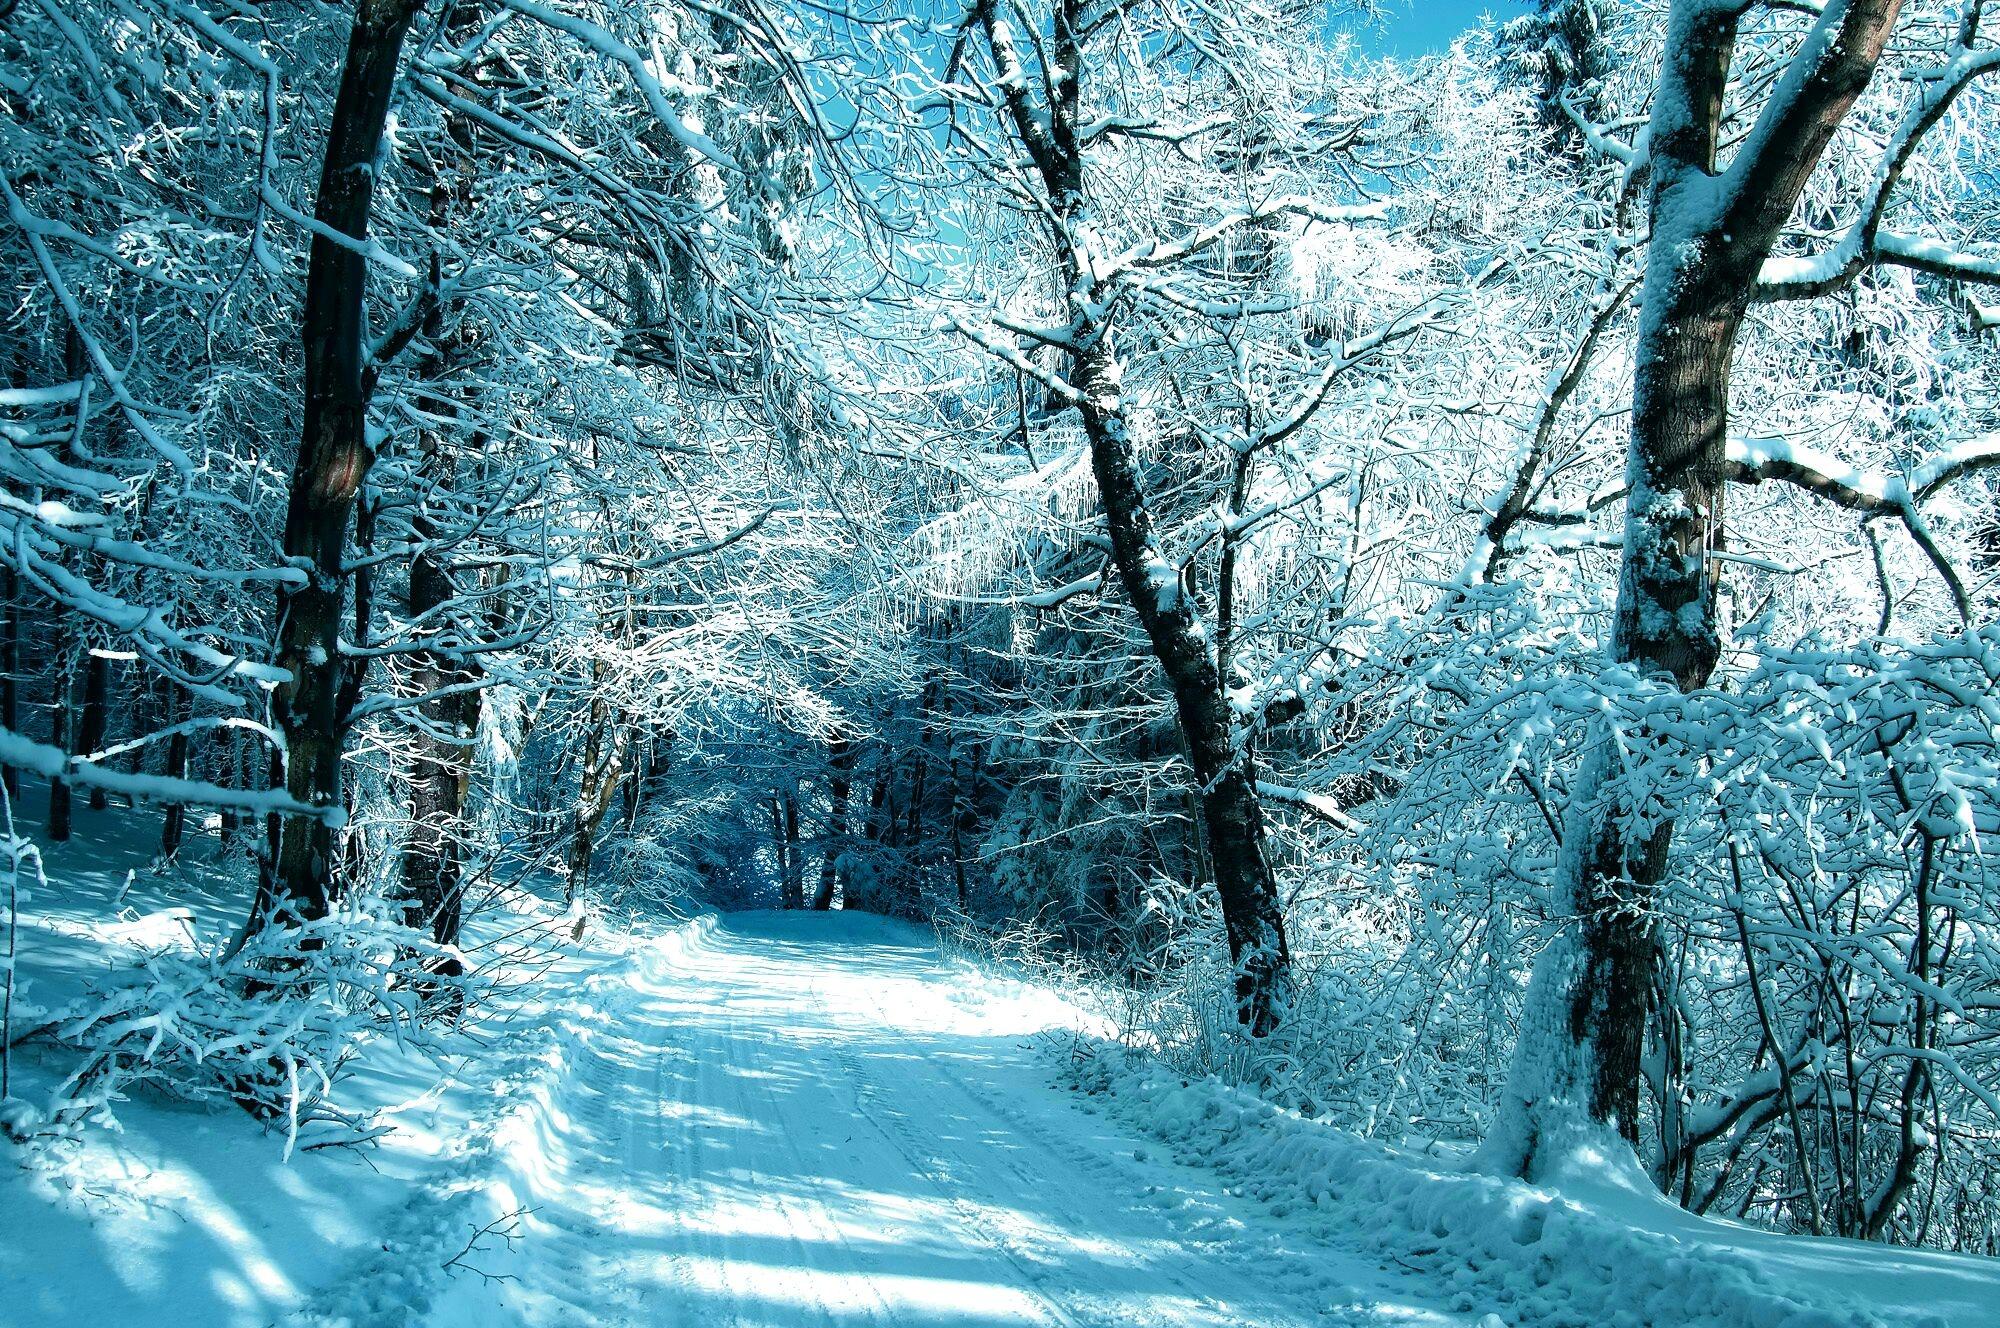 зимний лес фото на телефон